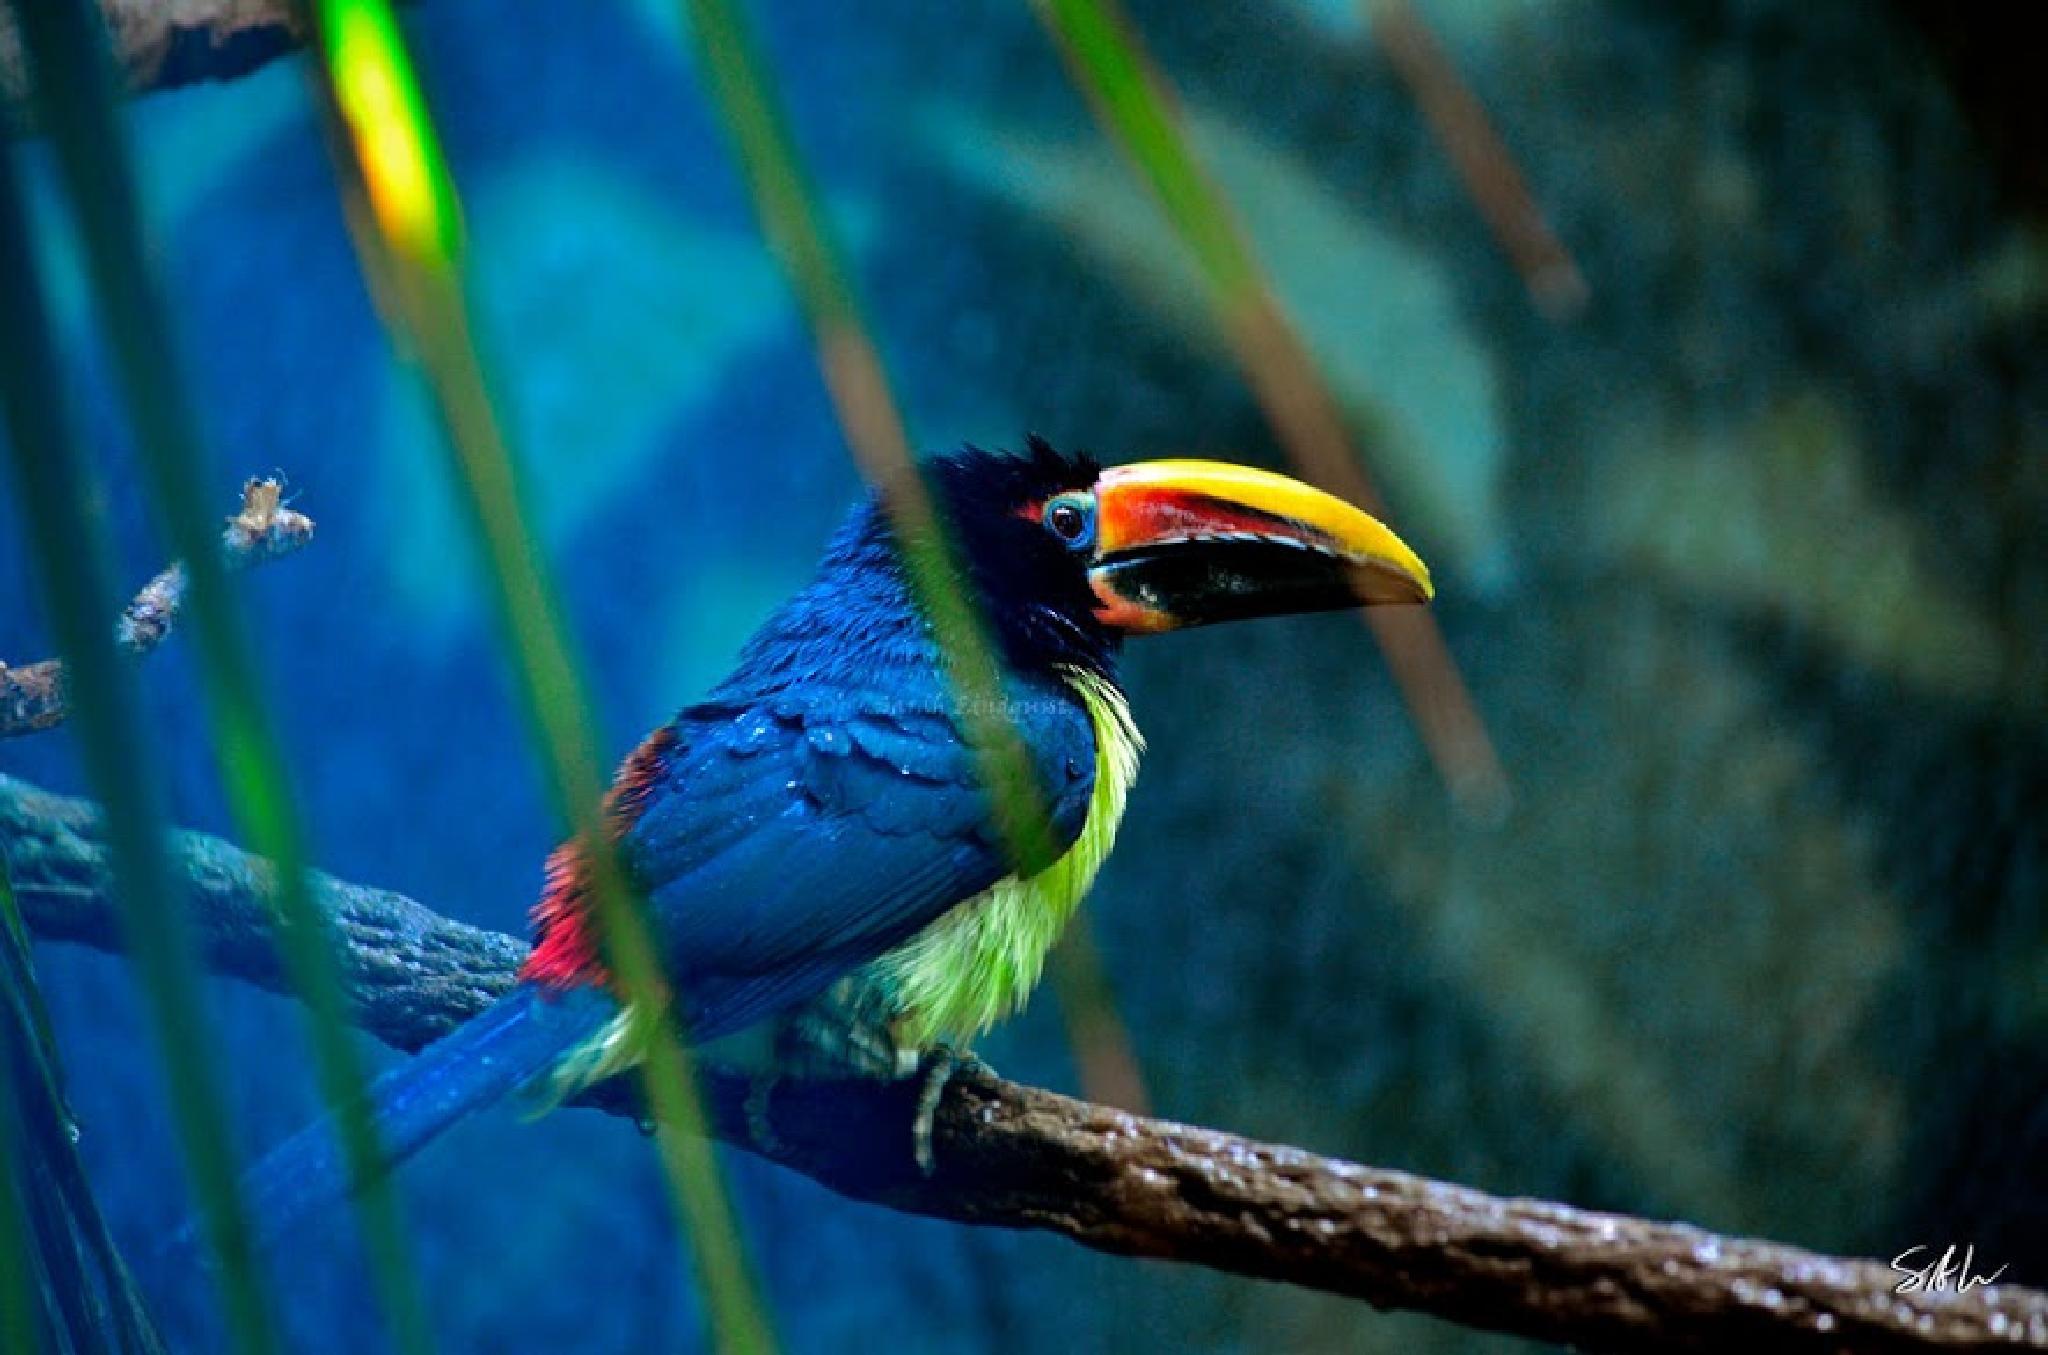 Bird by Reza Siddique